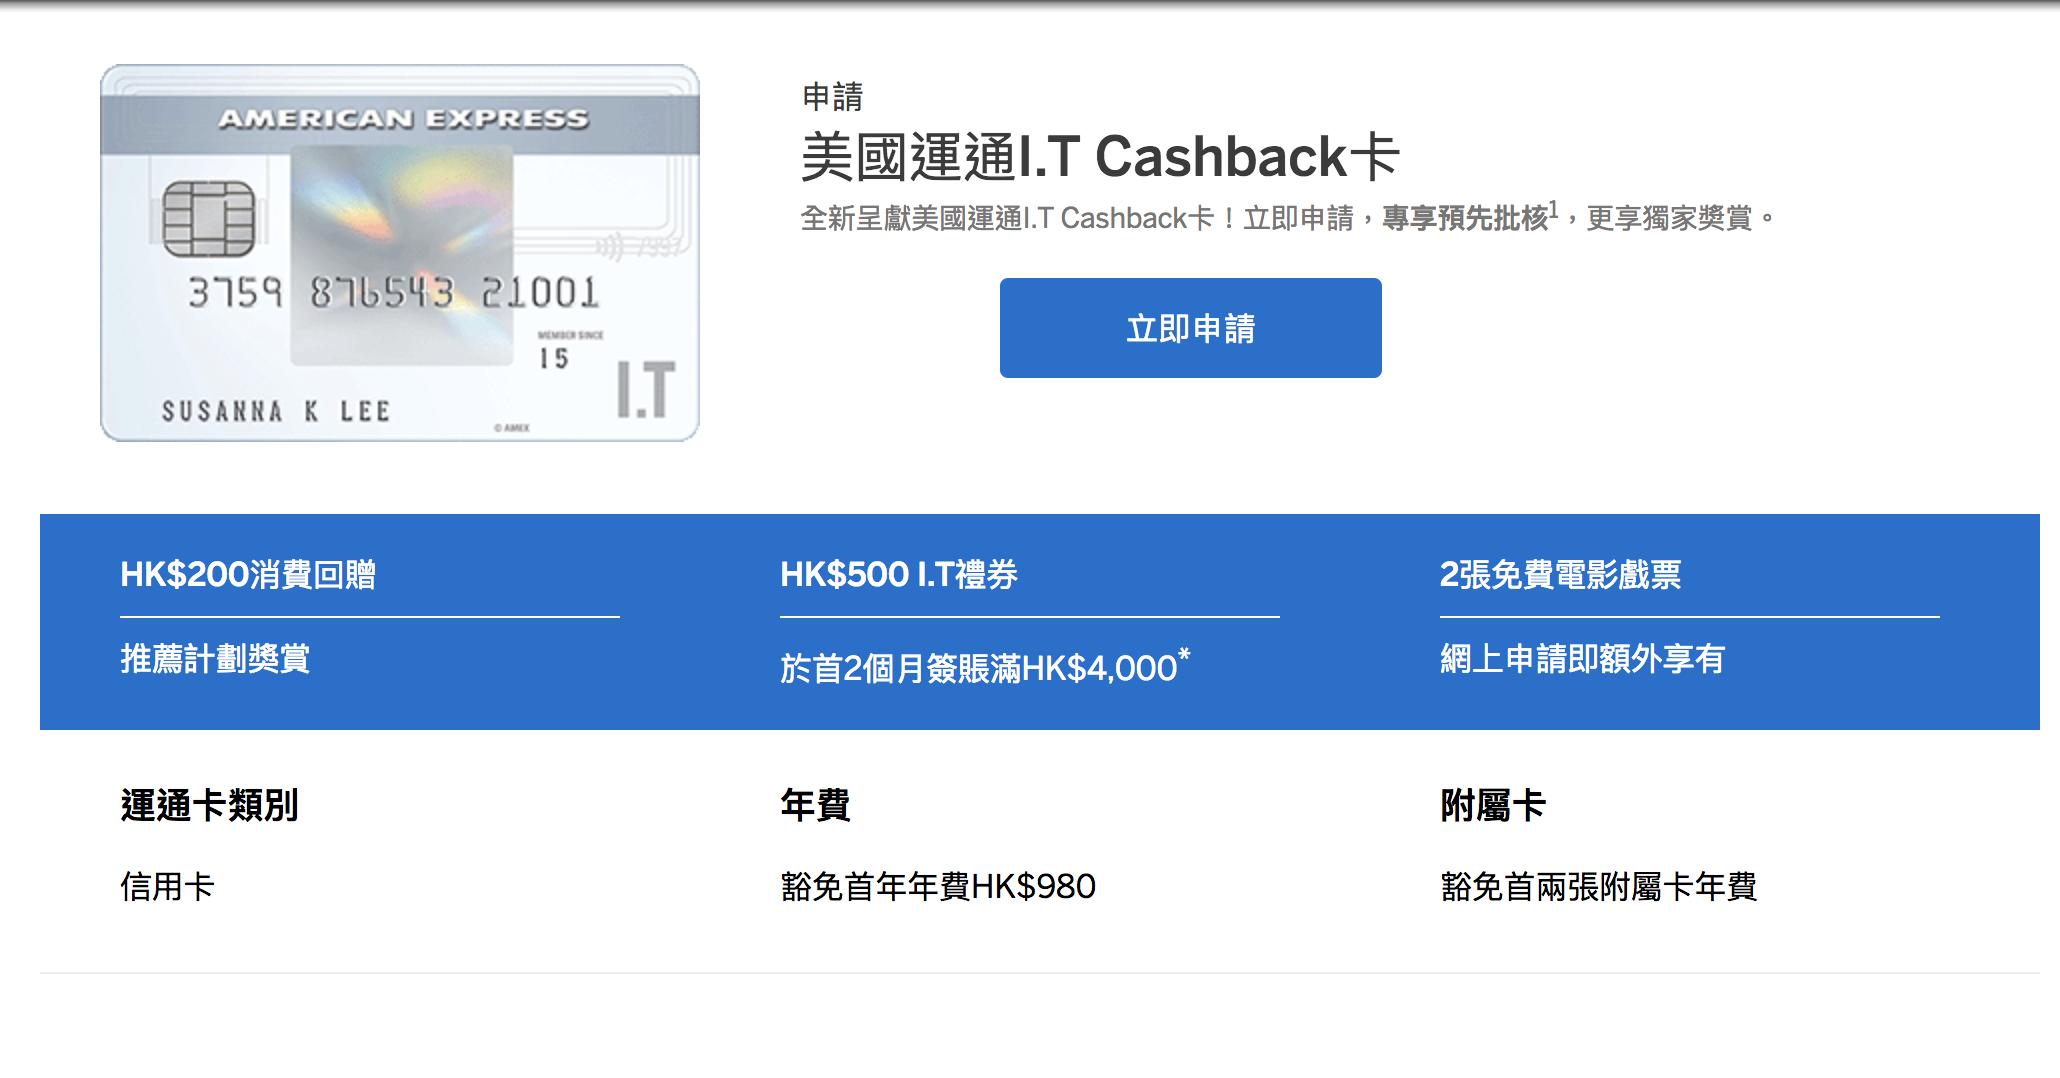 (經小斯申請有多$200現金回贈) 申請即送2張戲飛 + 全年睇戲85折 + 簽$4,000有500蚊IT禮券 - American Express AE I.T Cashback卡